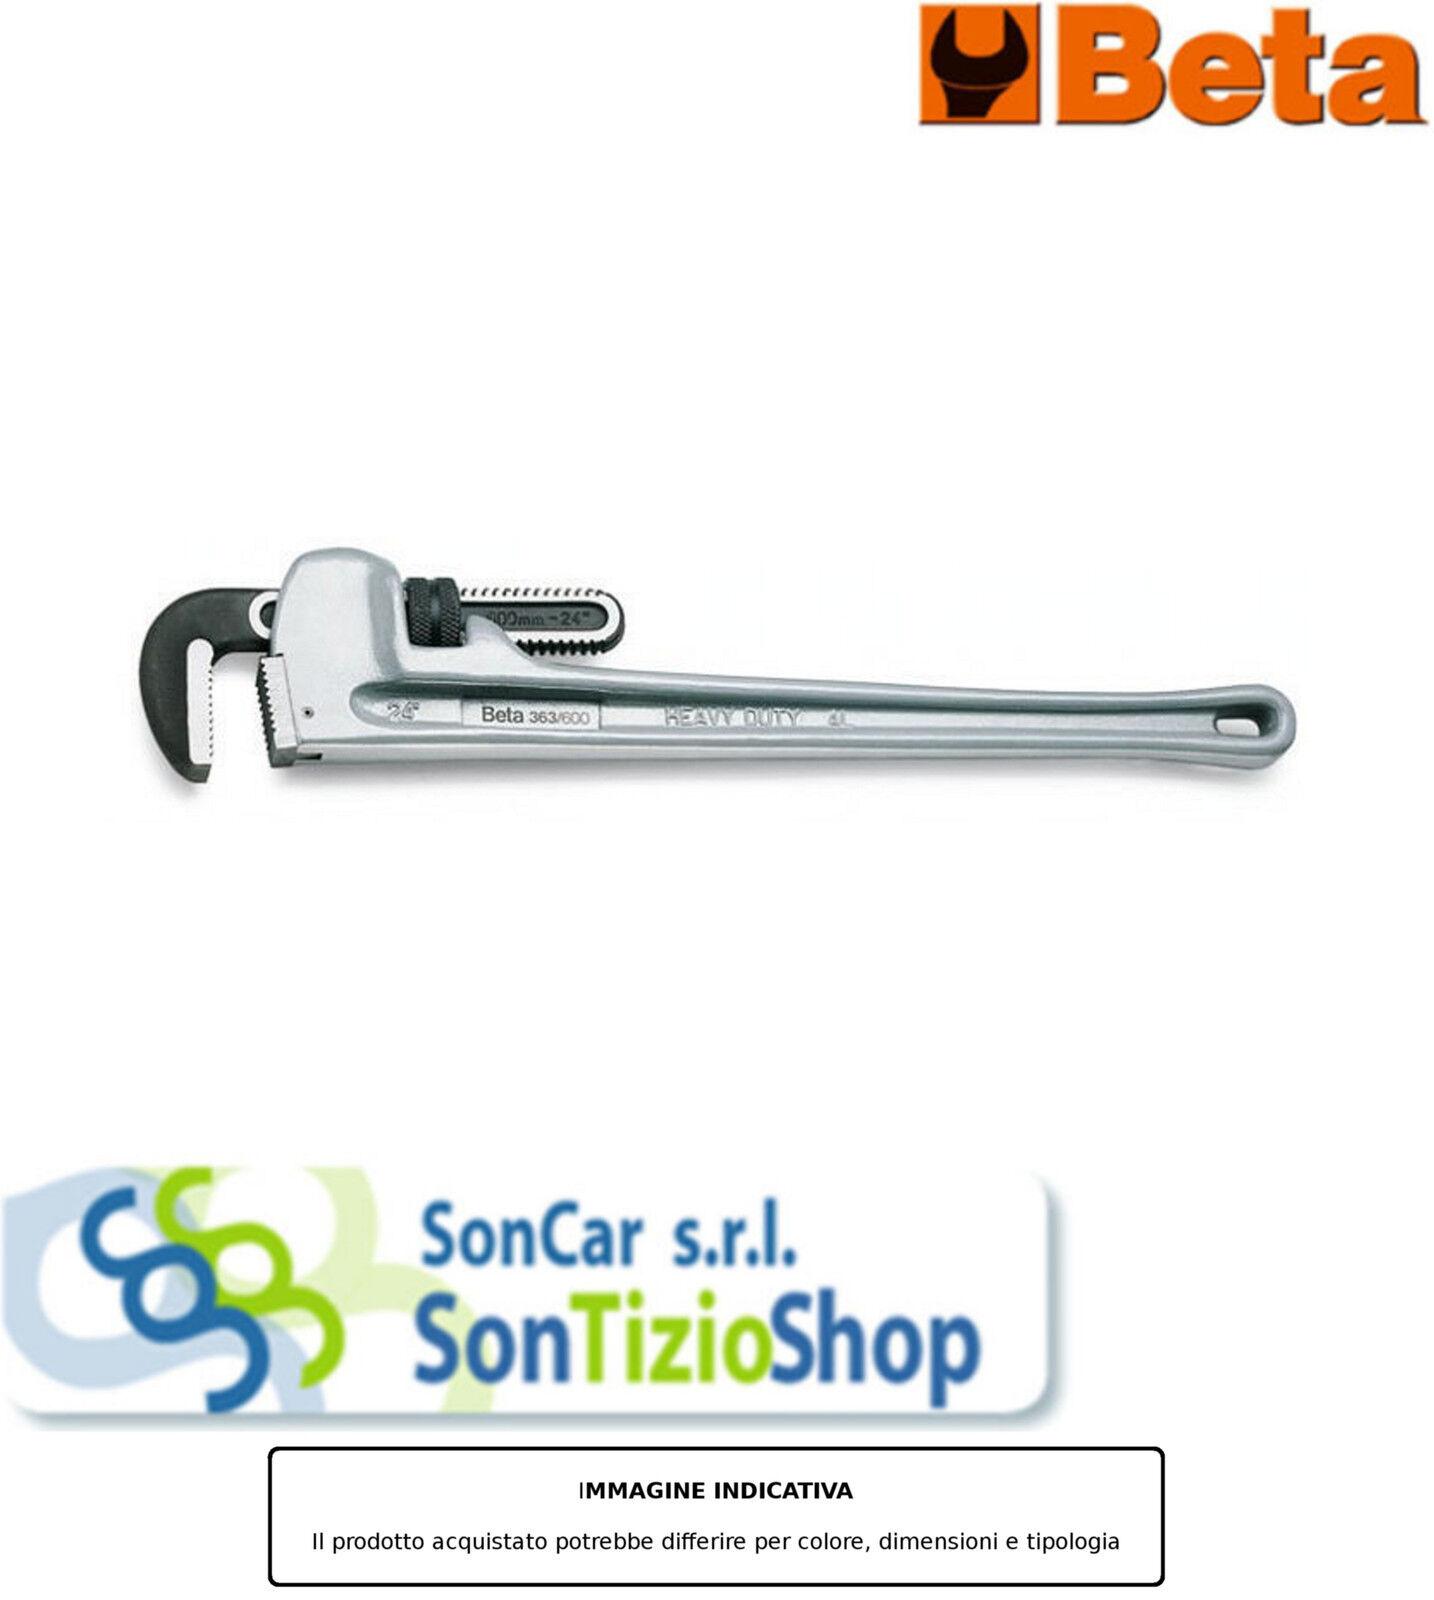 BETA 363 600 Artikel Original  Rohrzangen Amerikanisch Aluminium 600